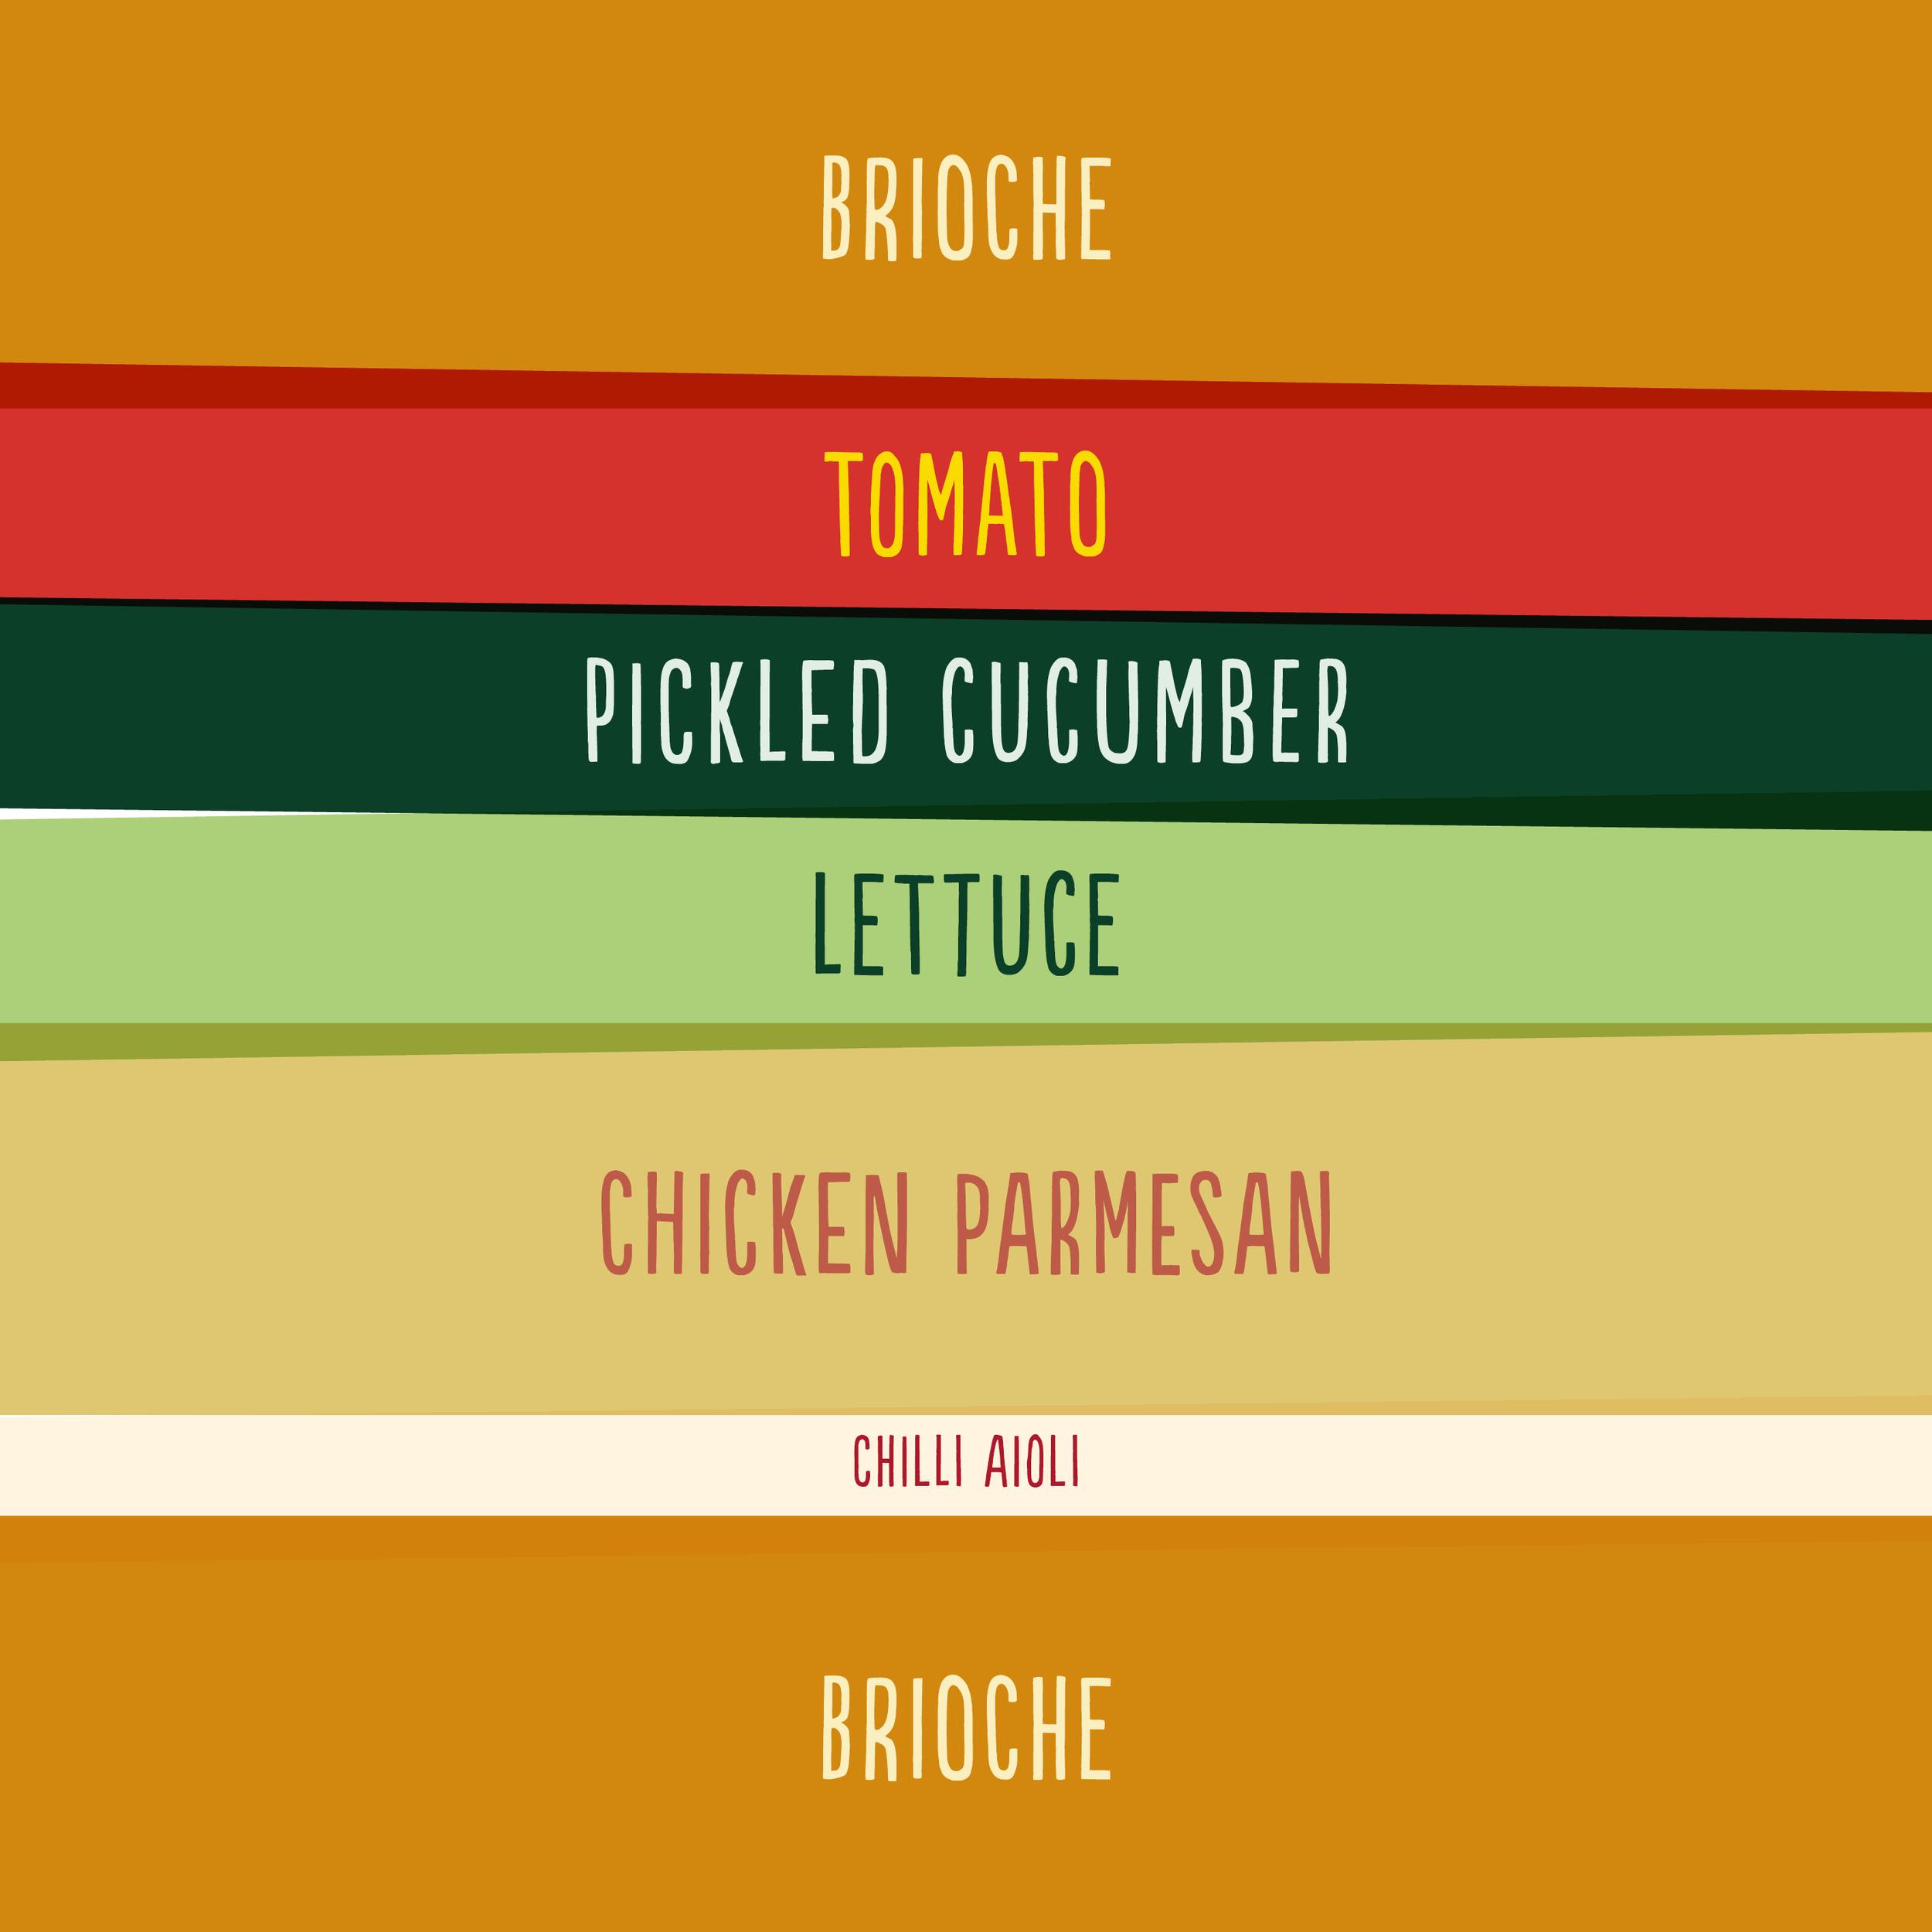 Chicken-parmesan-pickled-cucumber-chilli-aioli-sandwich.jpg